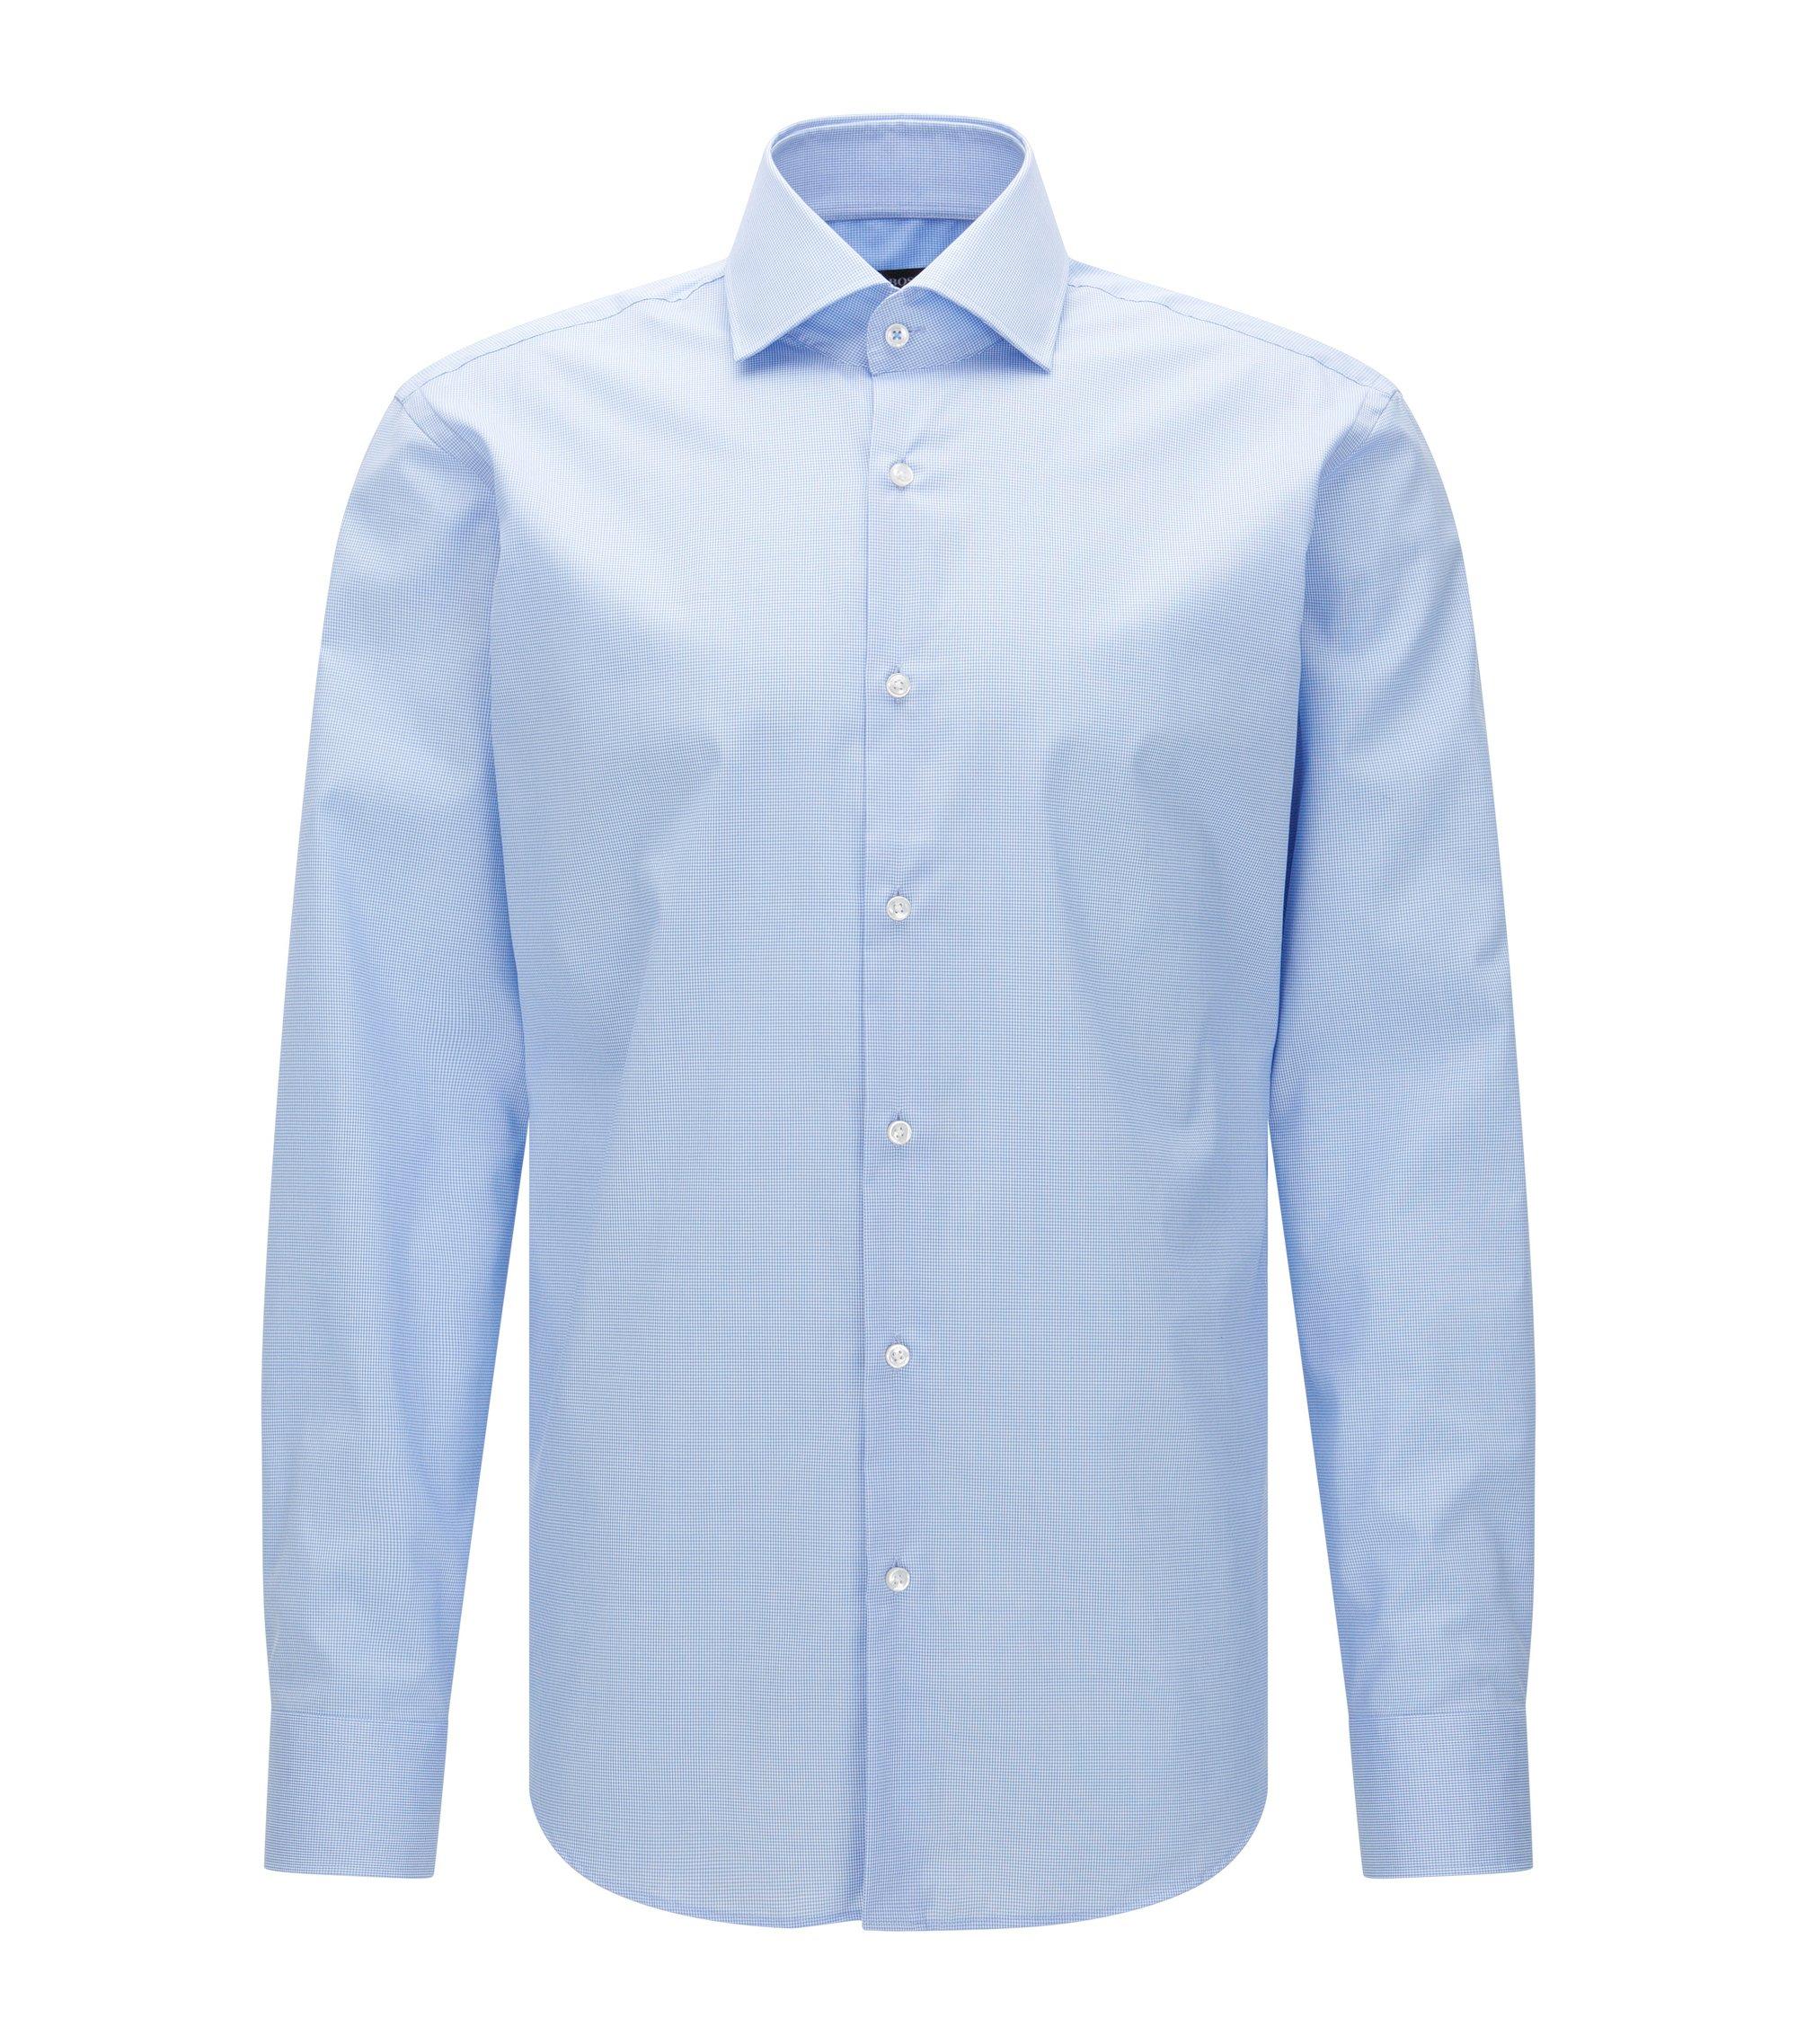 Micro-Check Easy Iron Cotton Dress Shirt, Regular Fit| Gert, Light Blue